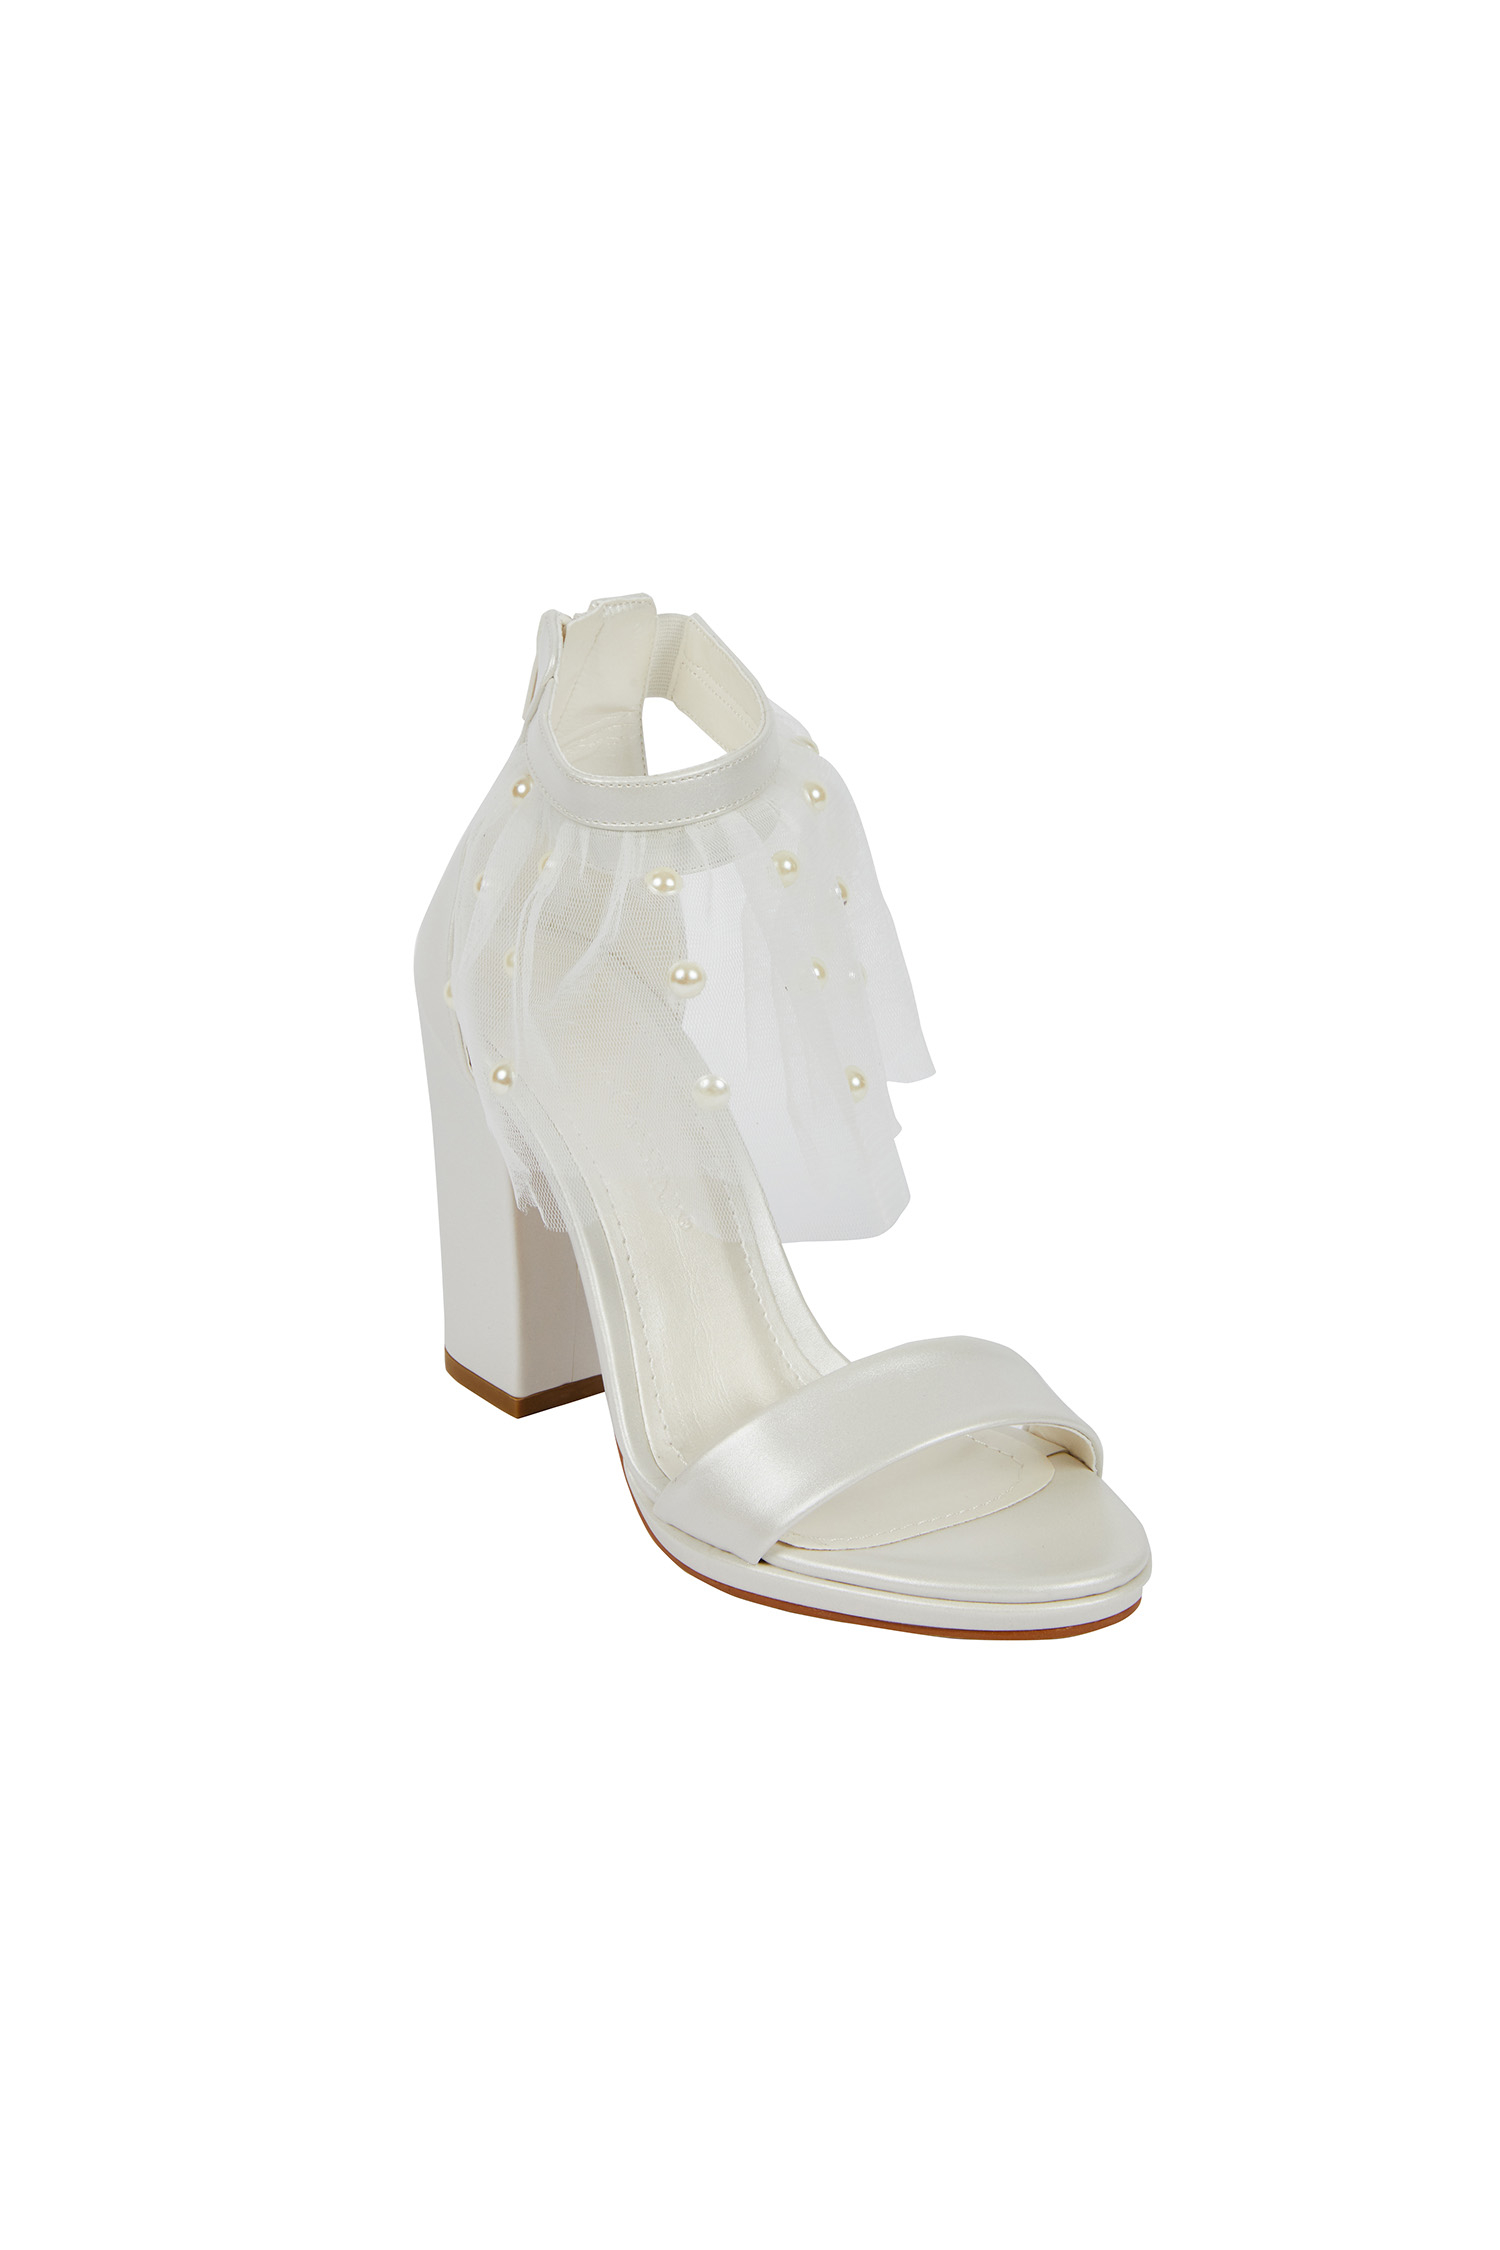 Tül Ve İnci Detaylı Topuklu Gelin Ayakkabısı